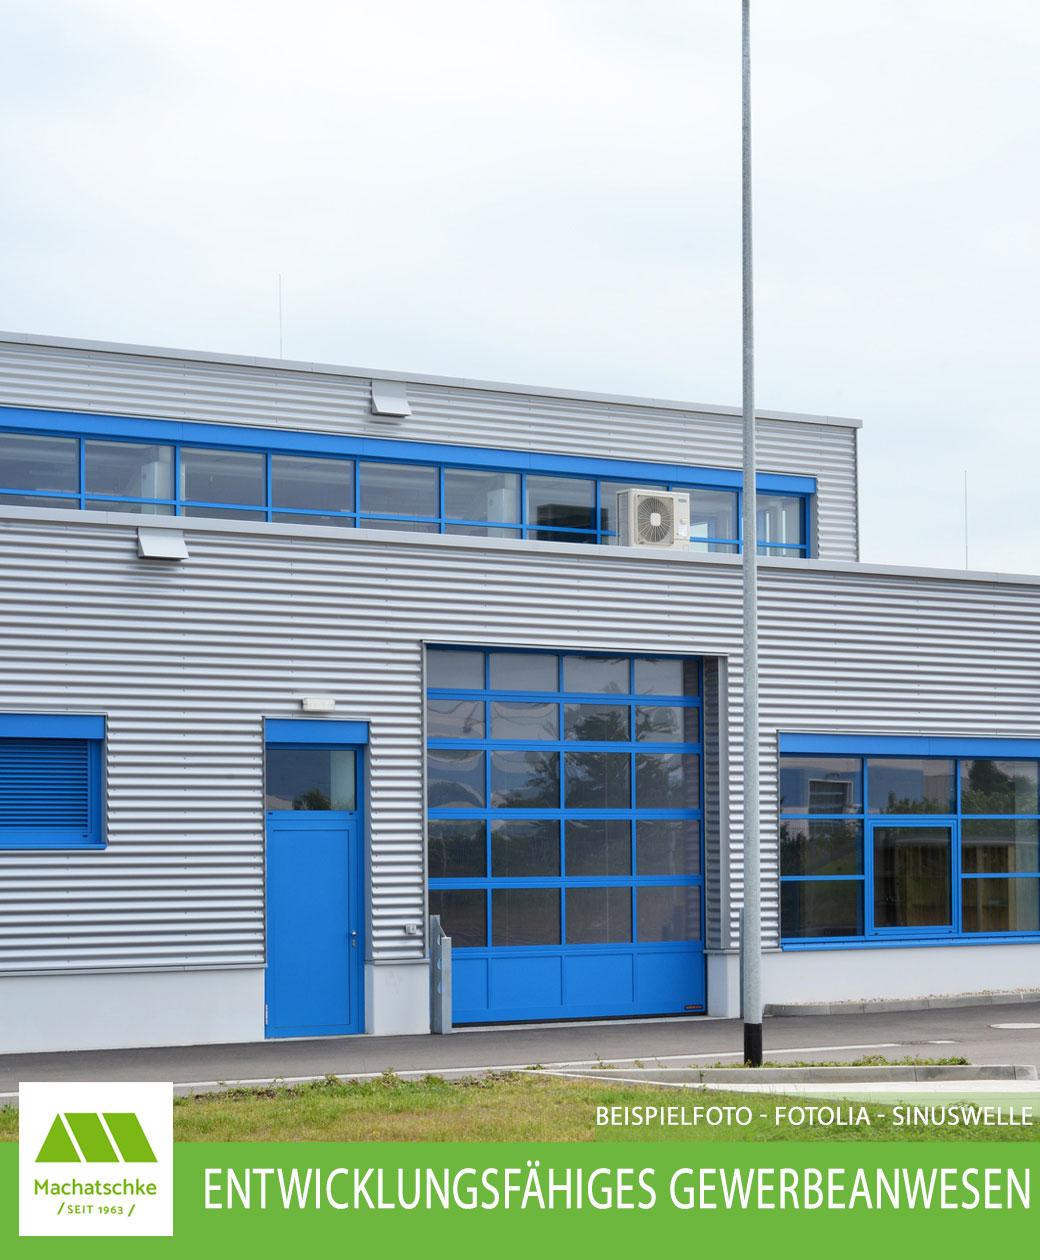 Entwicklungsfähiges Gewerbeanwesen im nordlichen Landkreis von Heilsbronn - (Beispielfoto)